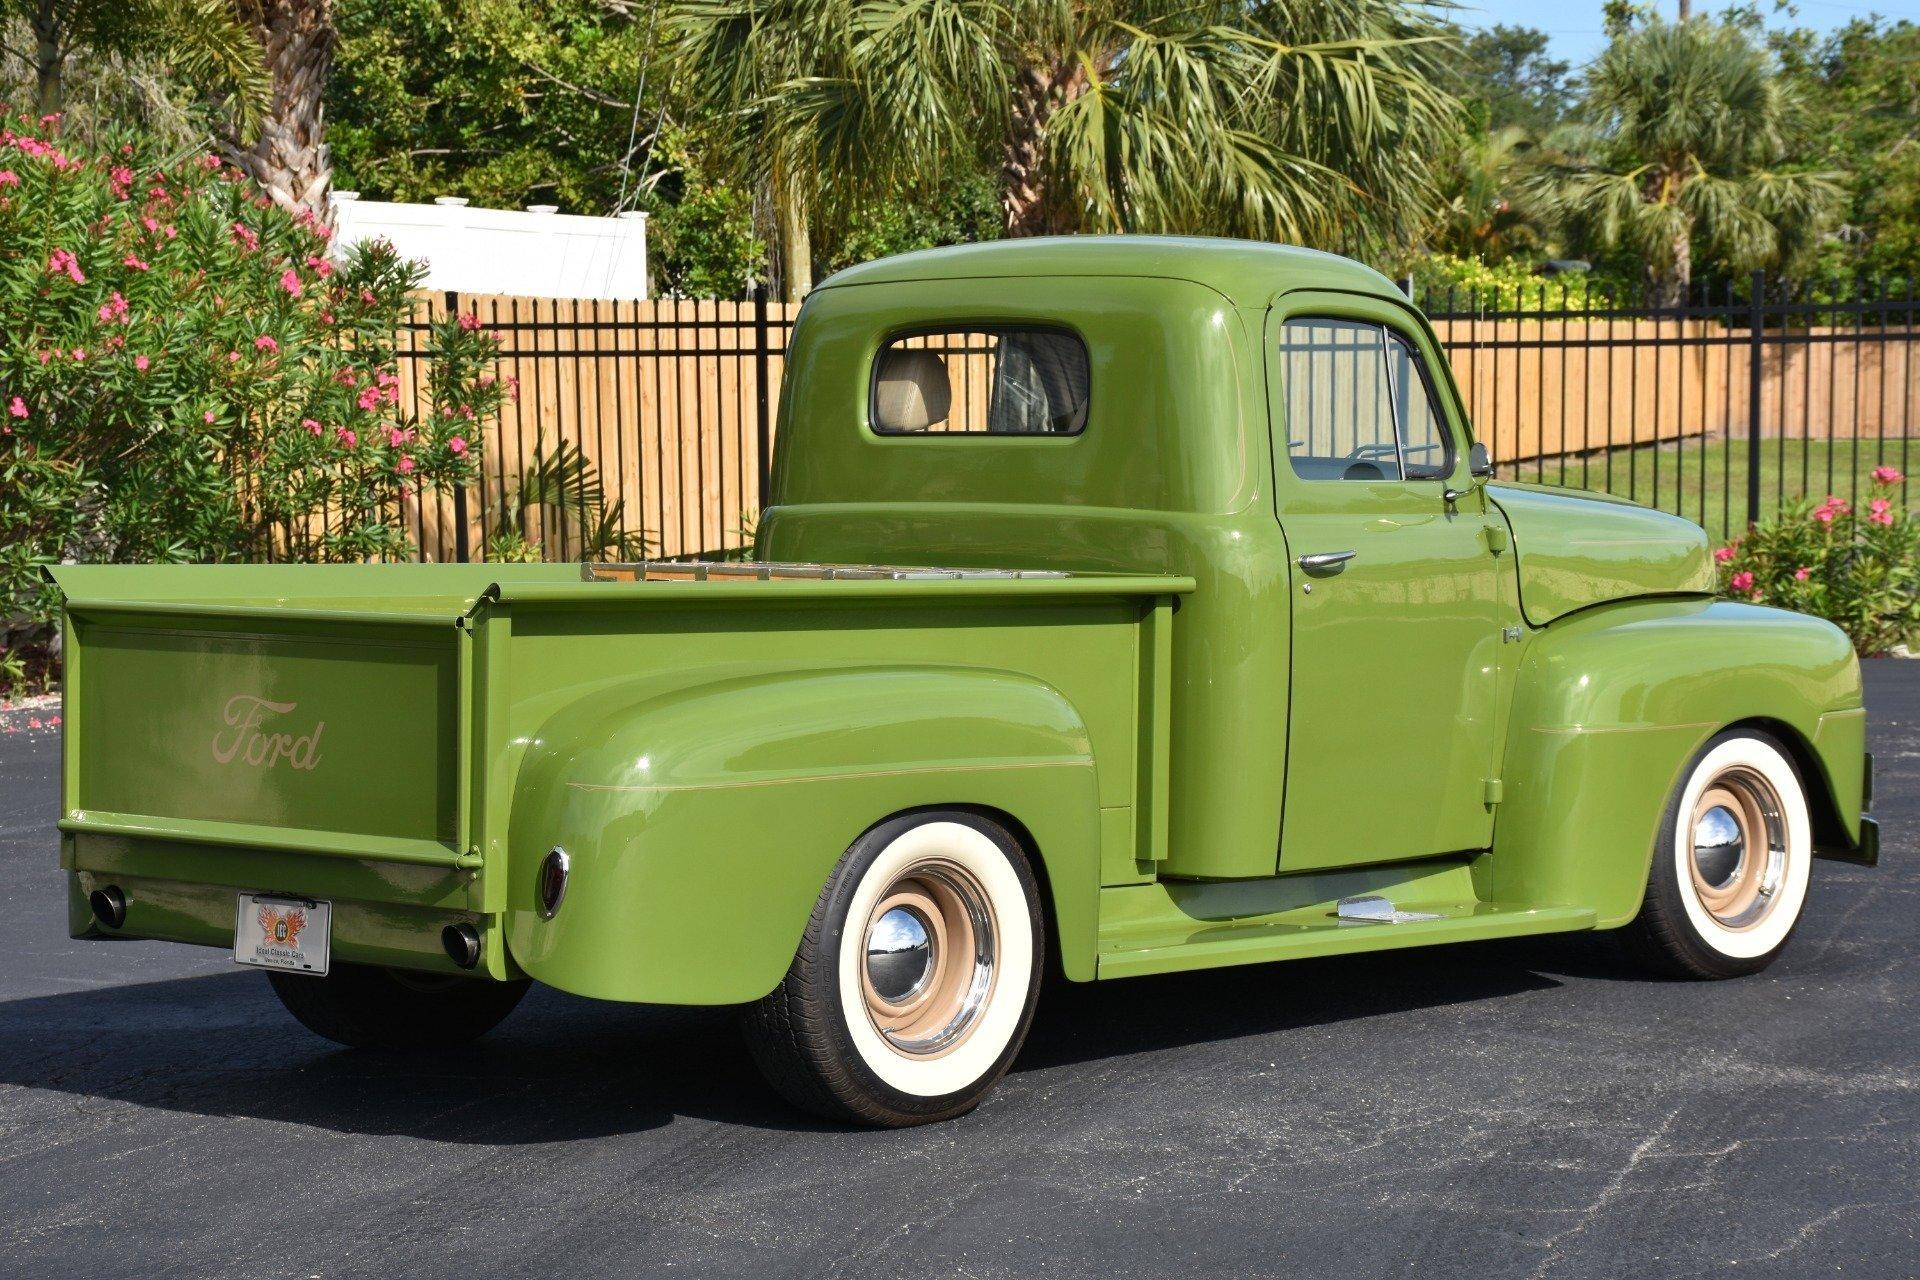 1949 Ford F1 Ideal Classic Cars Llc Pickup Truck 11915762fdb2a Low Res